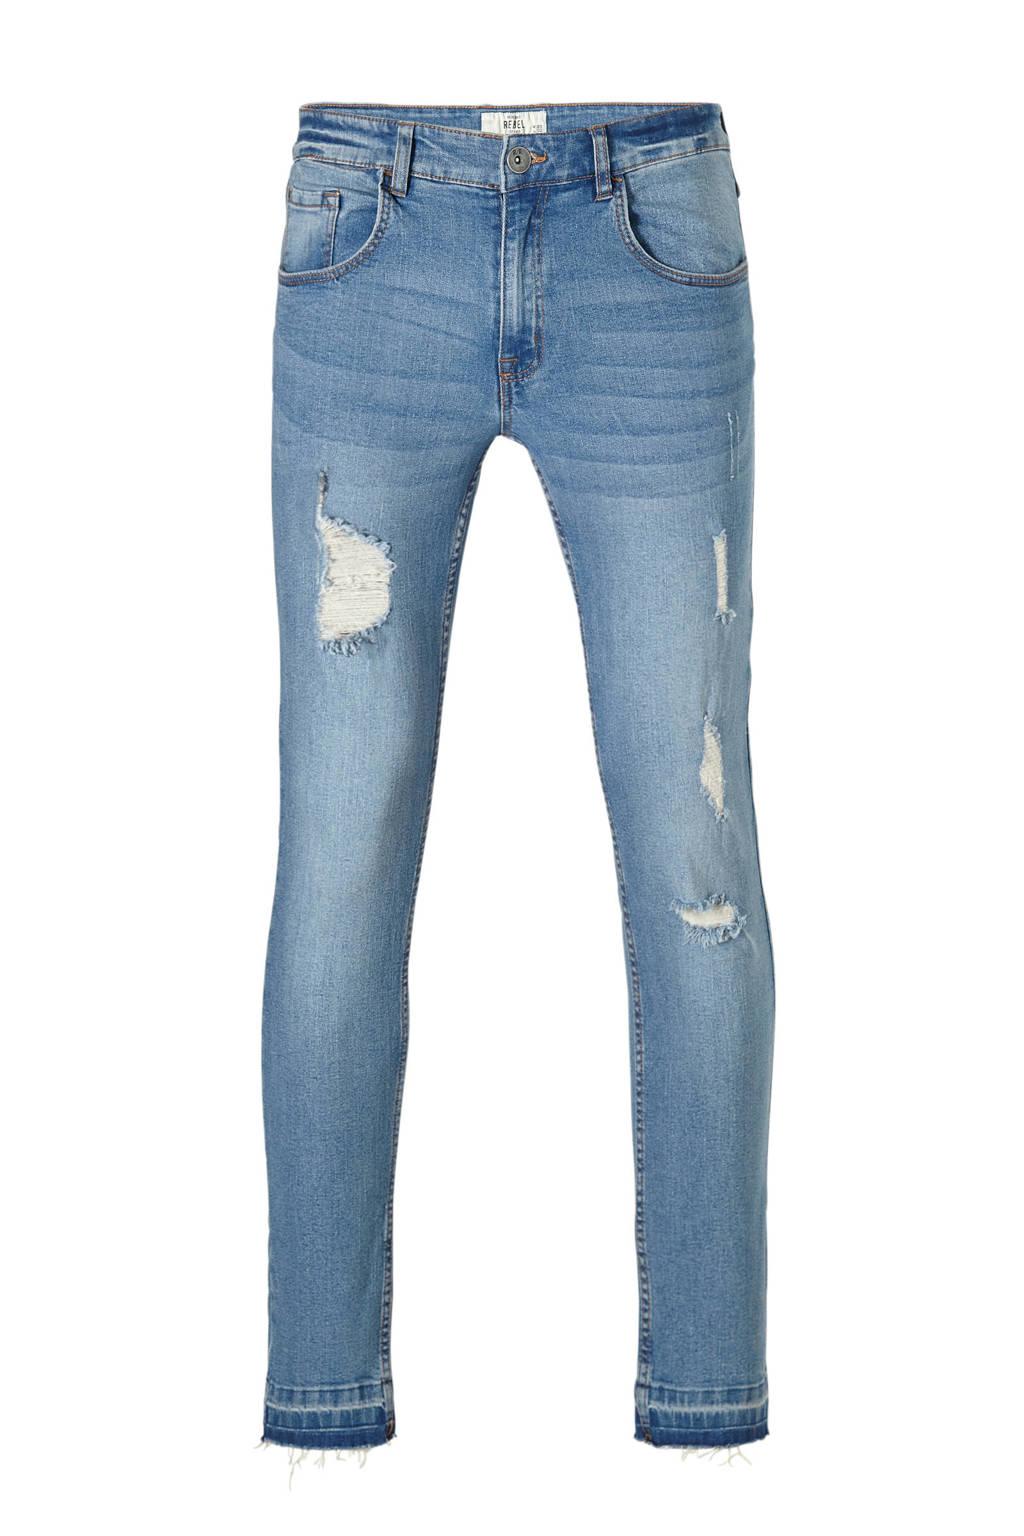 Redefined Rebel slim fit jeans Stockholm Destroy, Skyway Blue